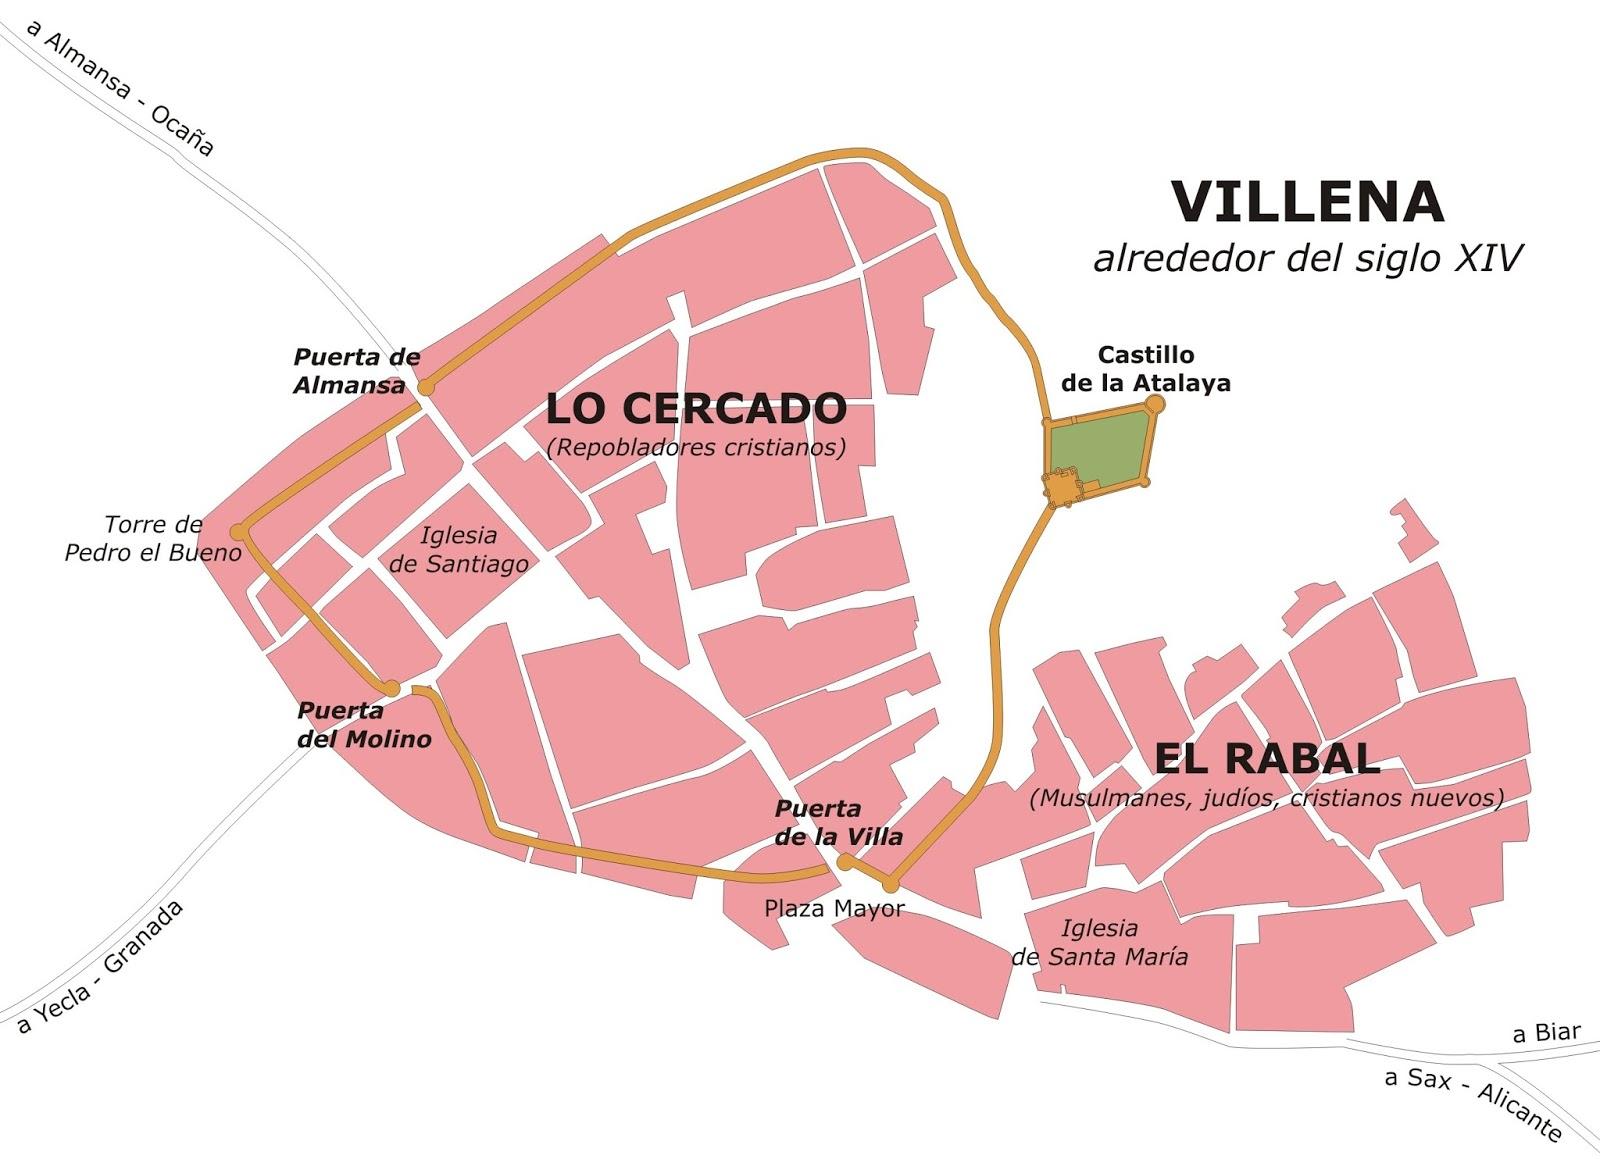 Gu a de los castillos torres y fortificaciones de alicante muralla urbana de villena alicante - Plano de almansa ...